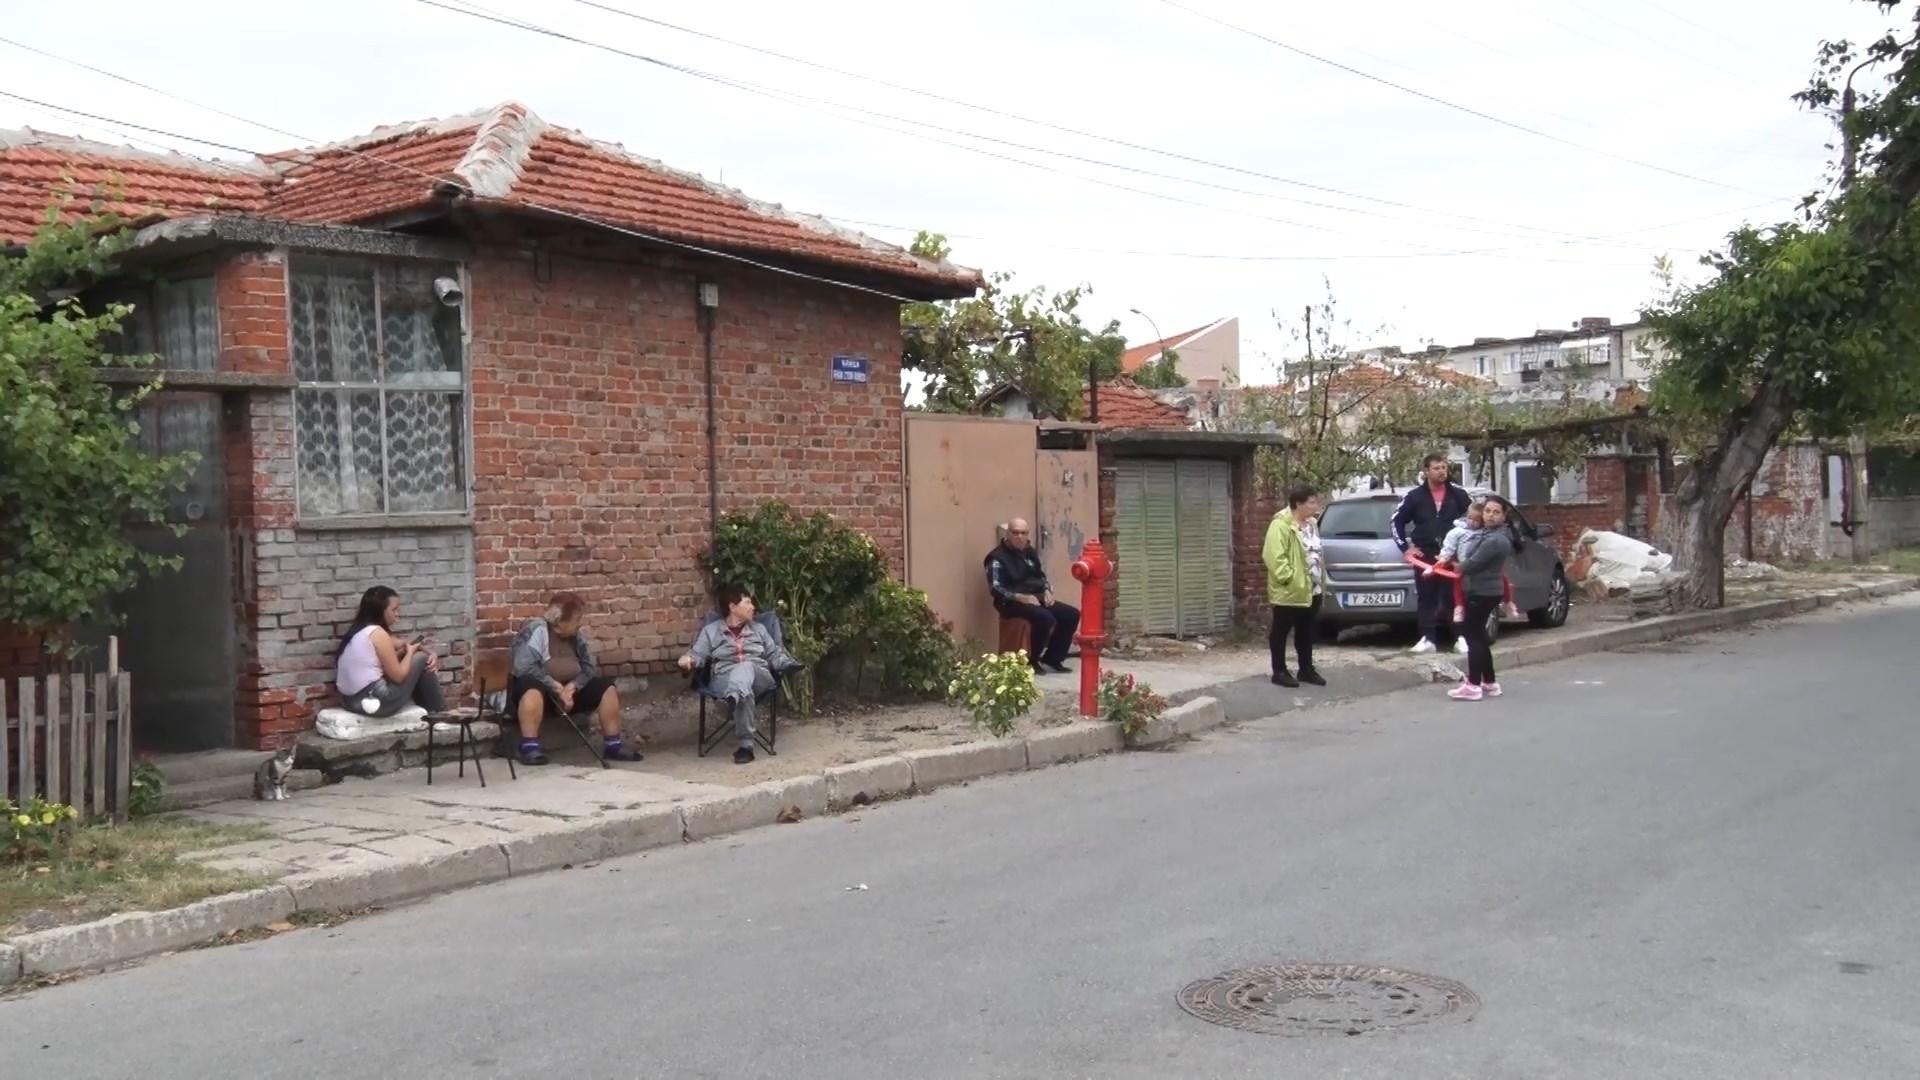 """Опасни гонки в Каргона. Местните настояват за """"легнали полицаи"""" на пътя"""